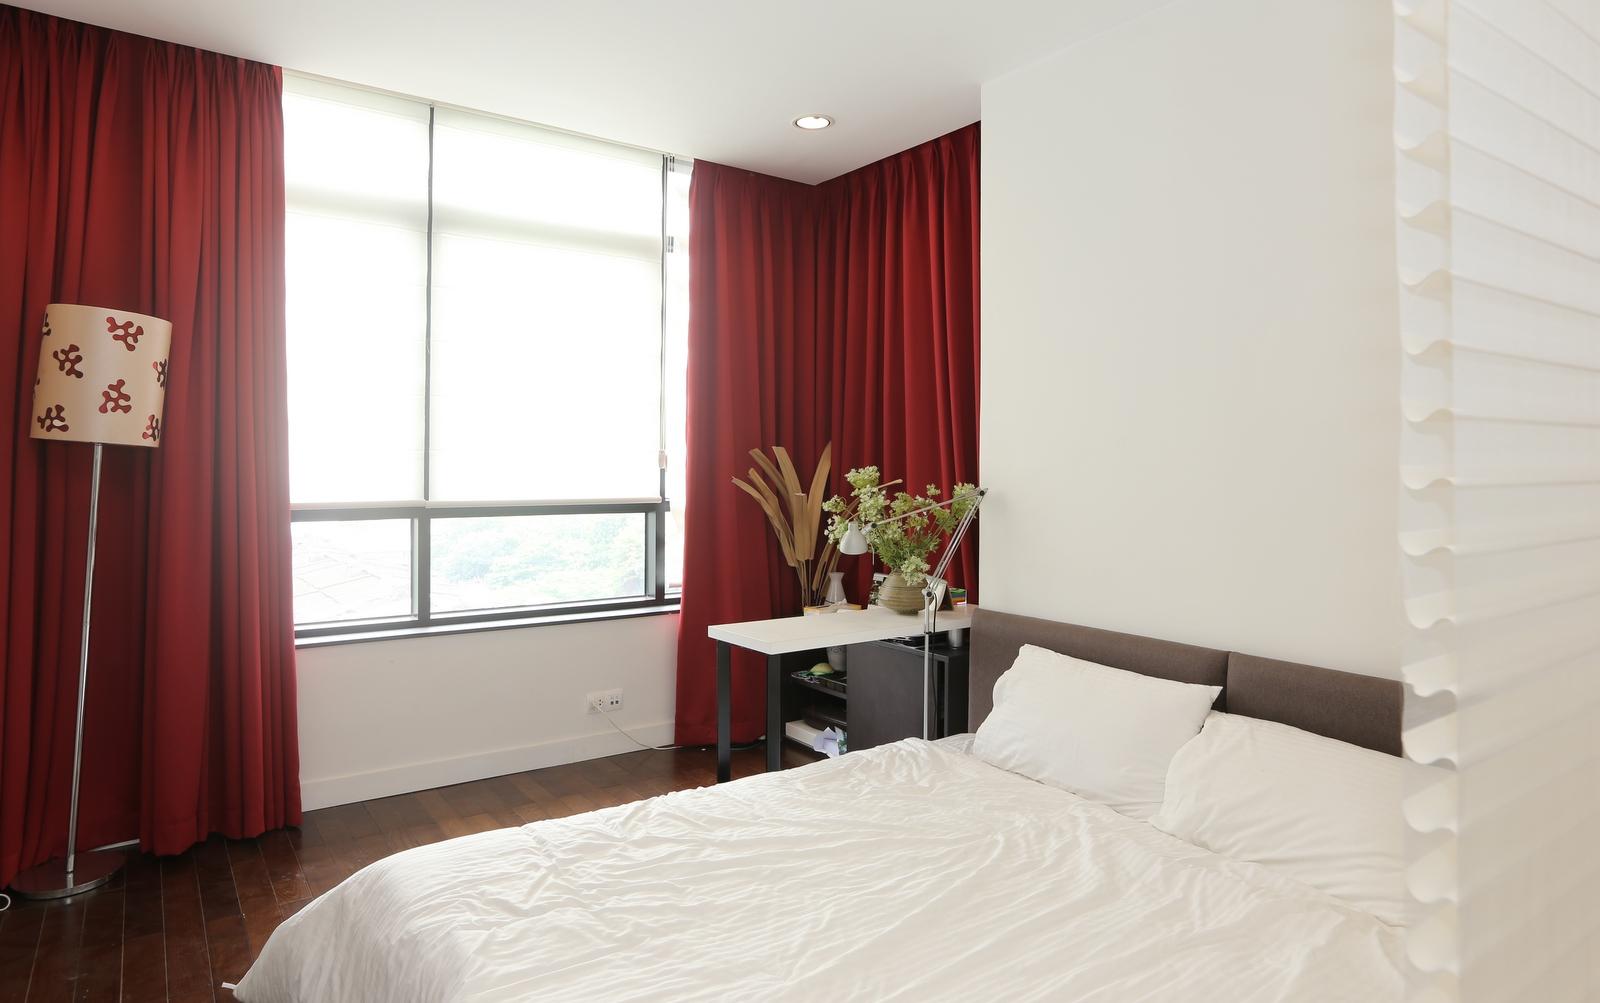 Cho thuê căn hộ cao cấp Studio Lancaster, Hà Nội